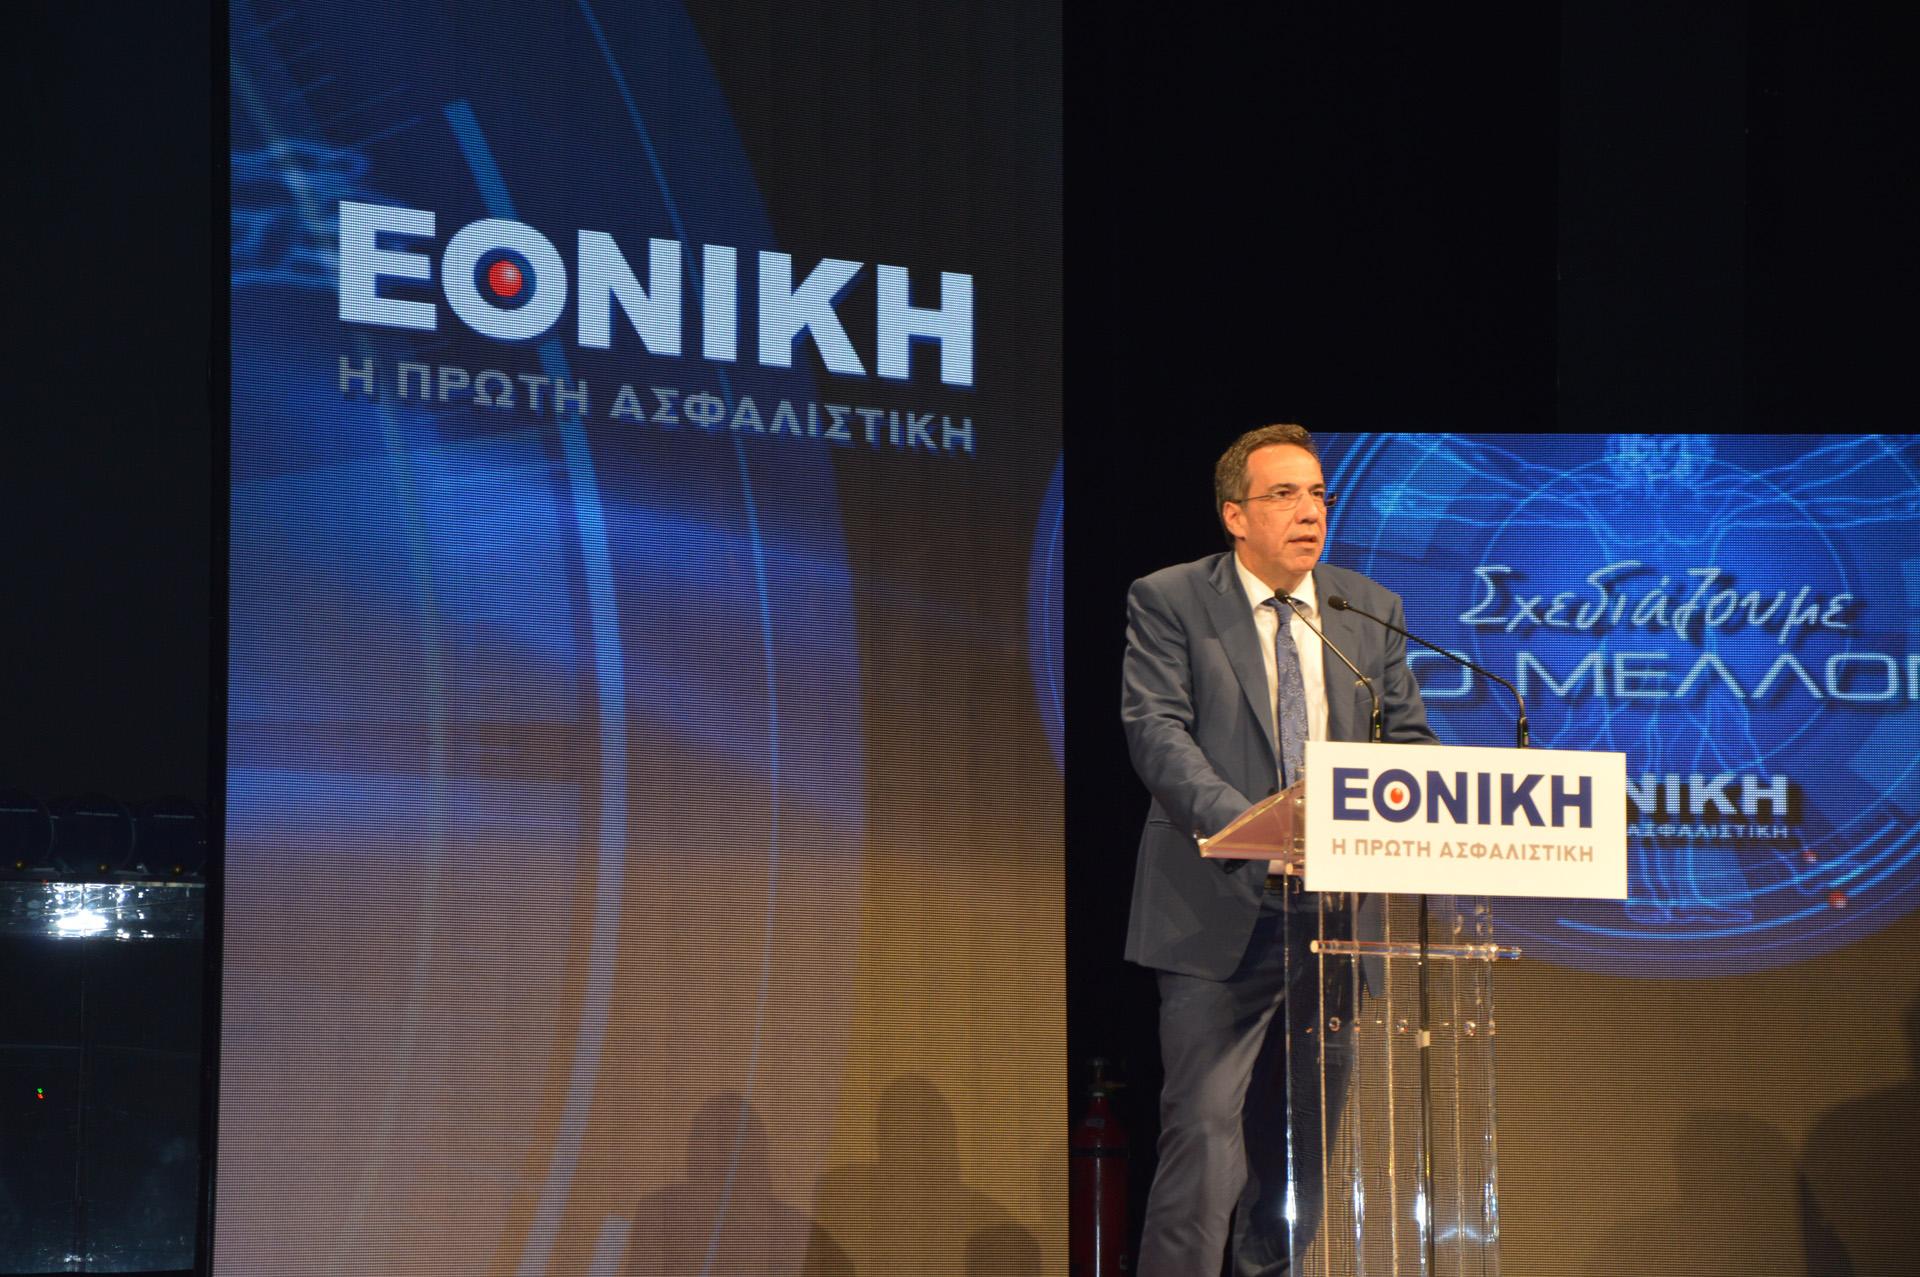 Ο Διευθύνων Σύμβουλος της Εθνικής Τράπεζας Λεωνίδας Φραγκιαδάκης.